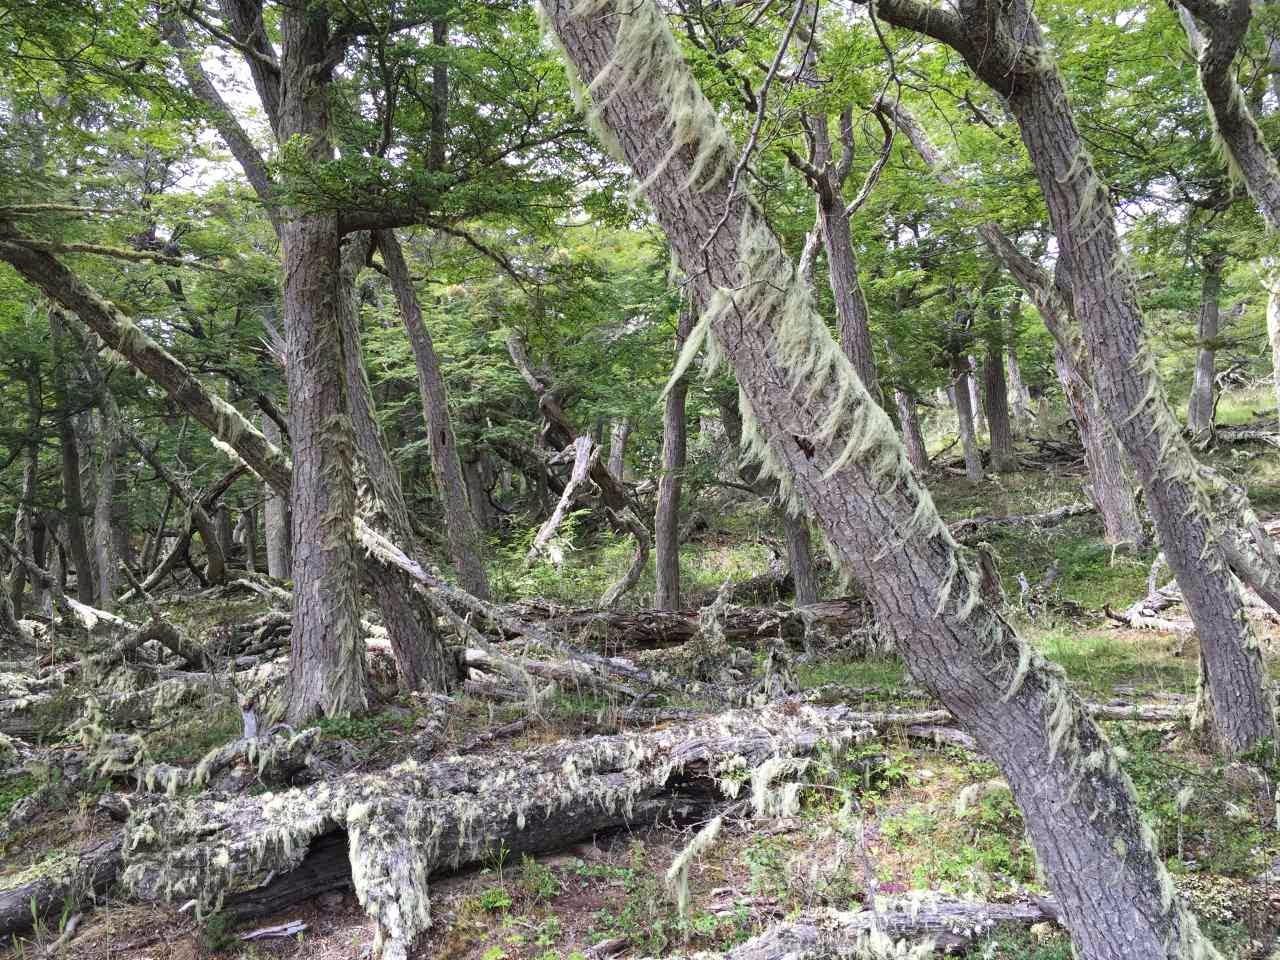 Ushuaia 4x4 Offroad tour - mystischer Wald mit viel Moos